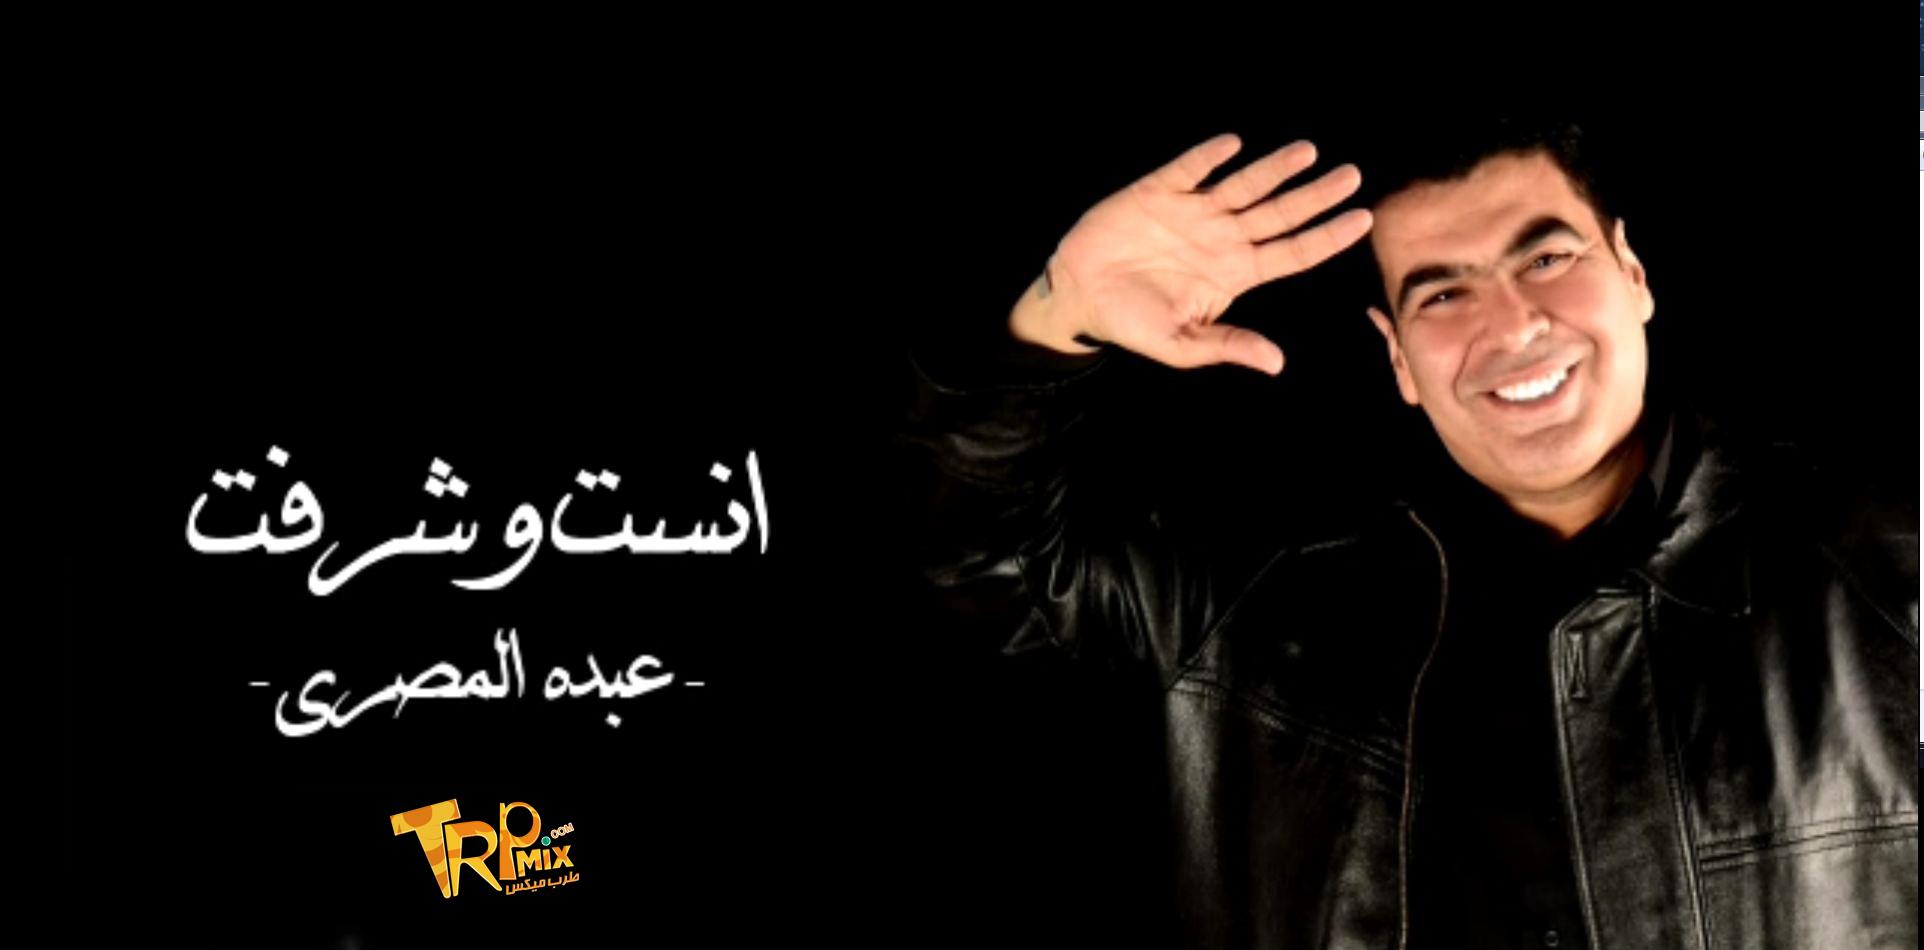 اغنيه انست وشرفت 2019 - عبده المصري - توزيع مونتي